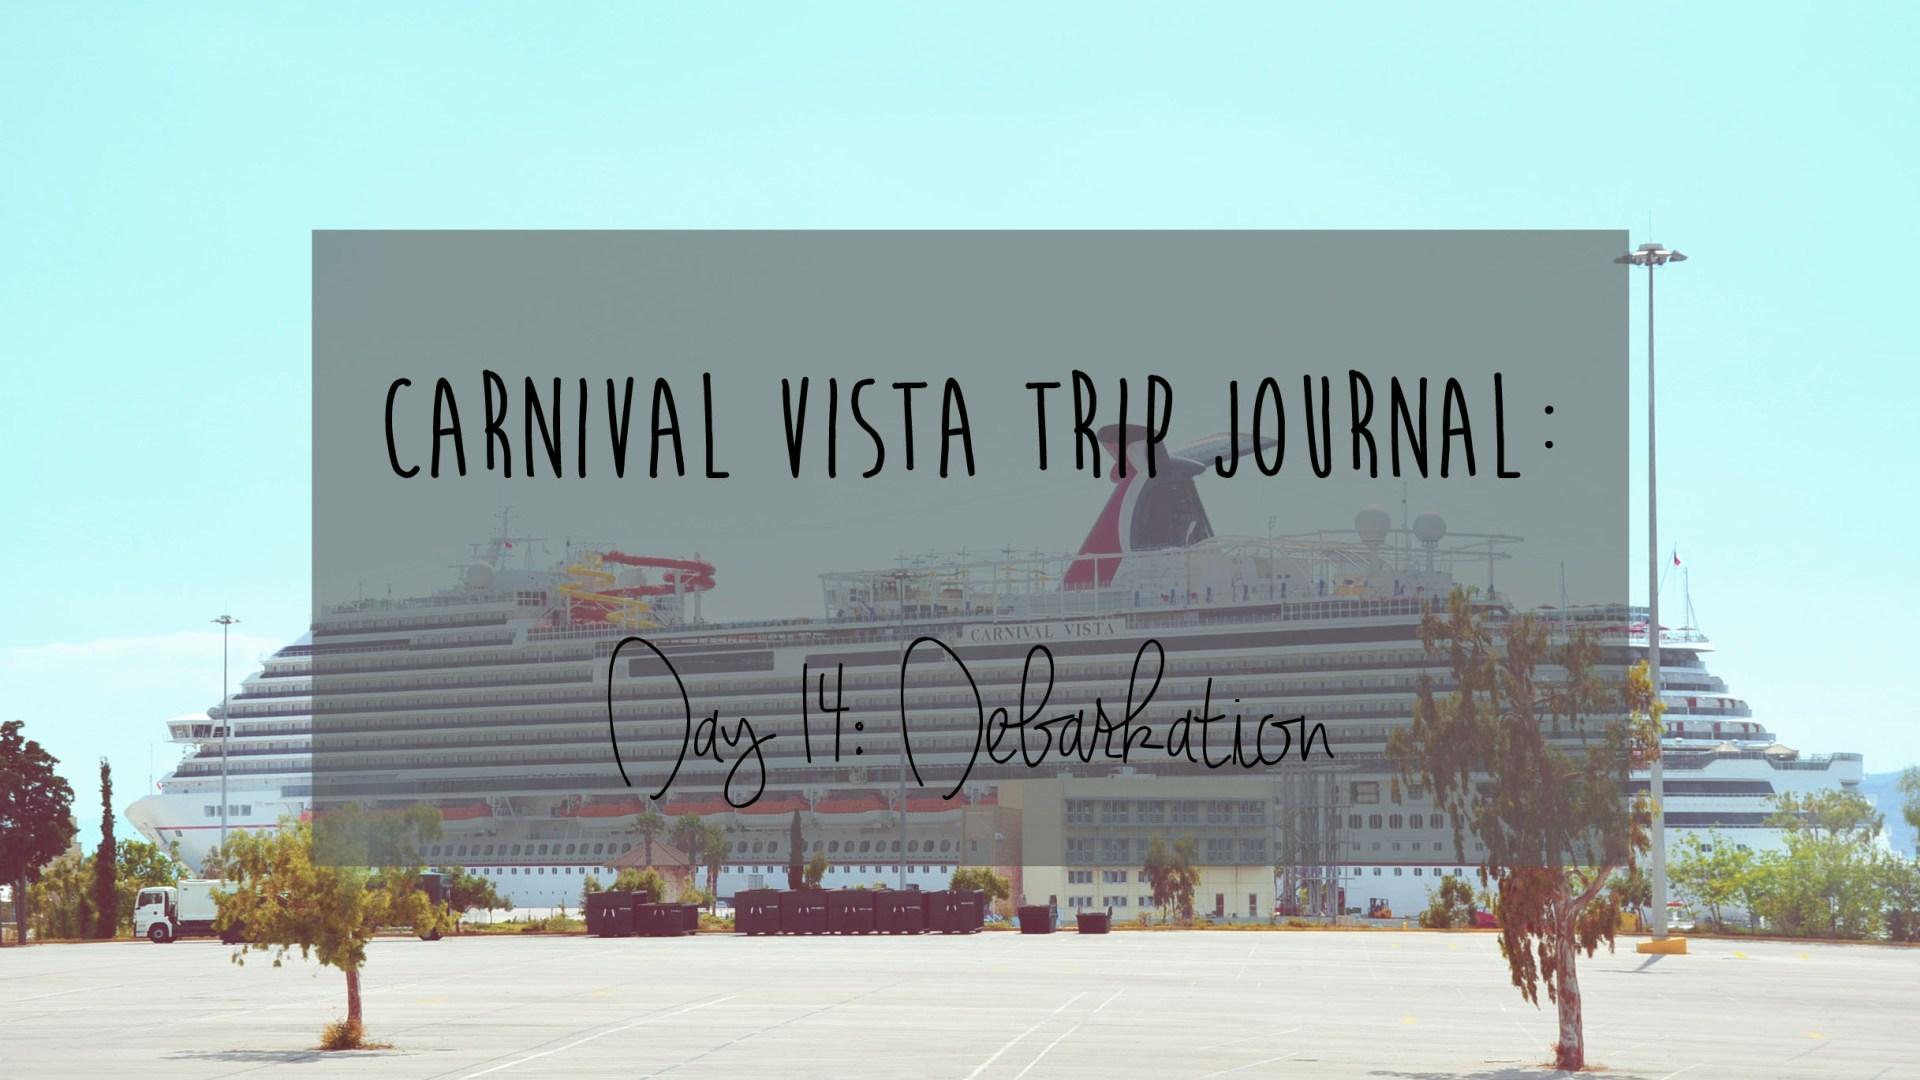 Carnival Vista Review: Day 14 – Debarkation